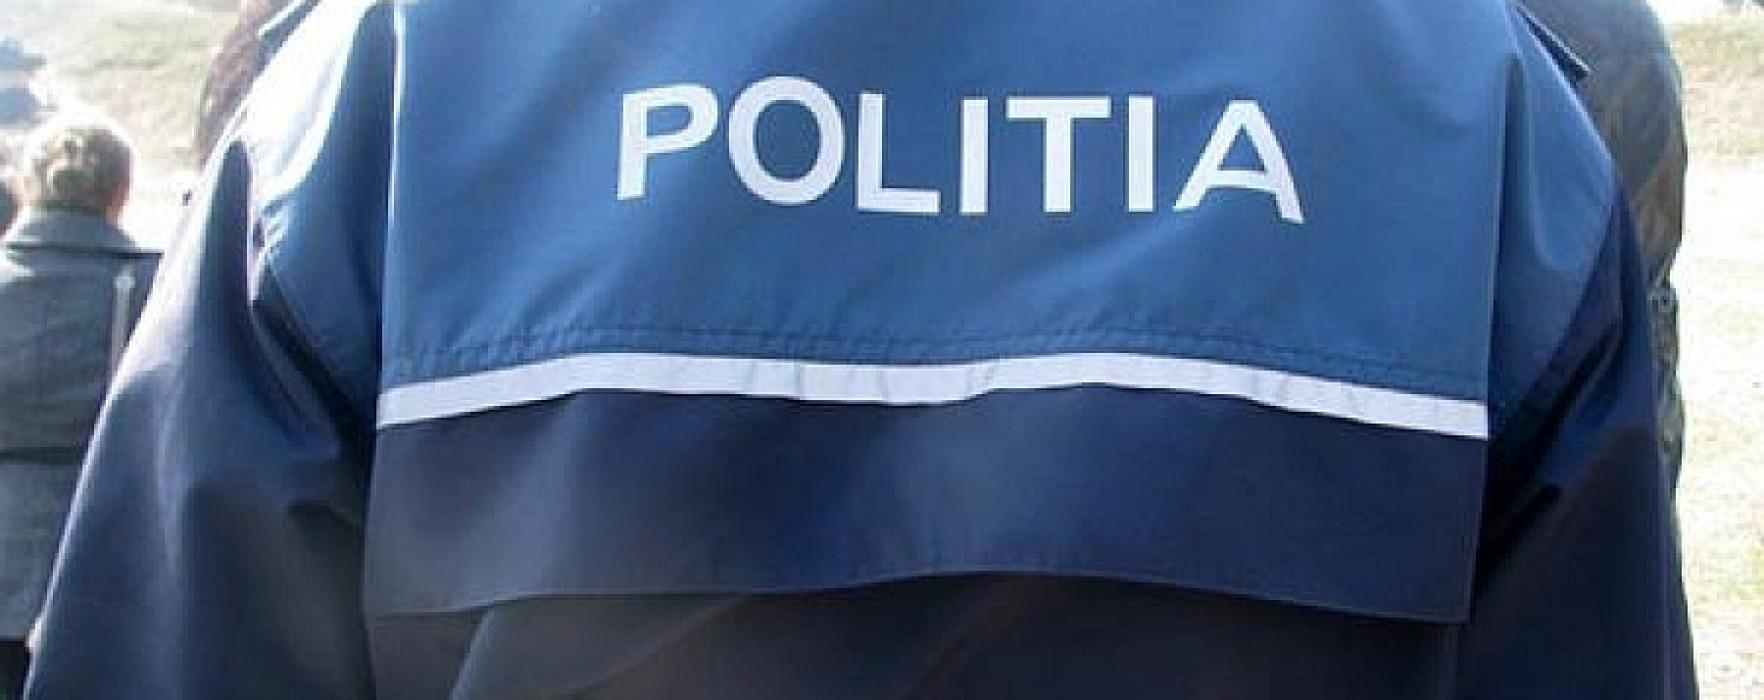 Dâmboviţa: Control judiciar pentru doi bărbaţi cercetaţi pentru tâlhărie şi furtul a peste 20 de bovine